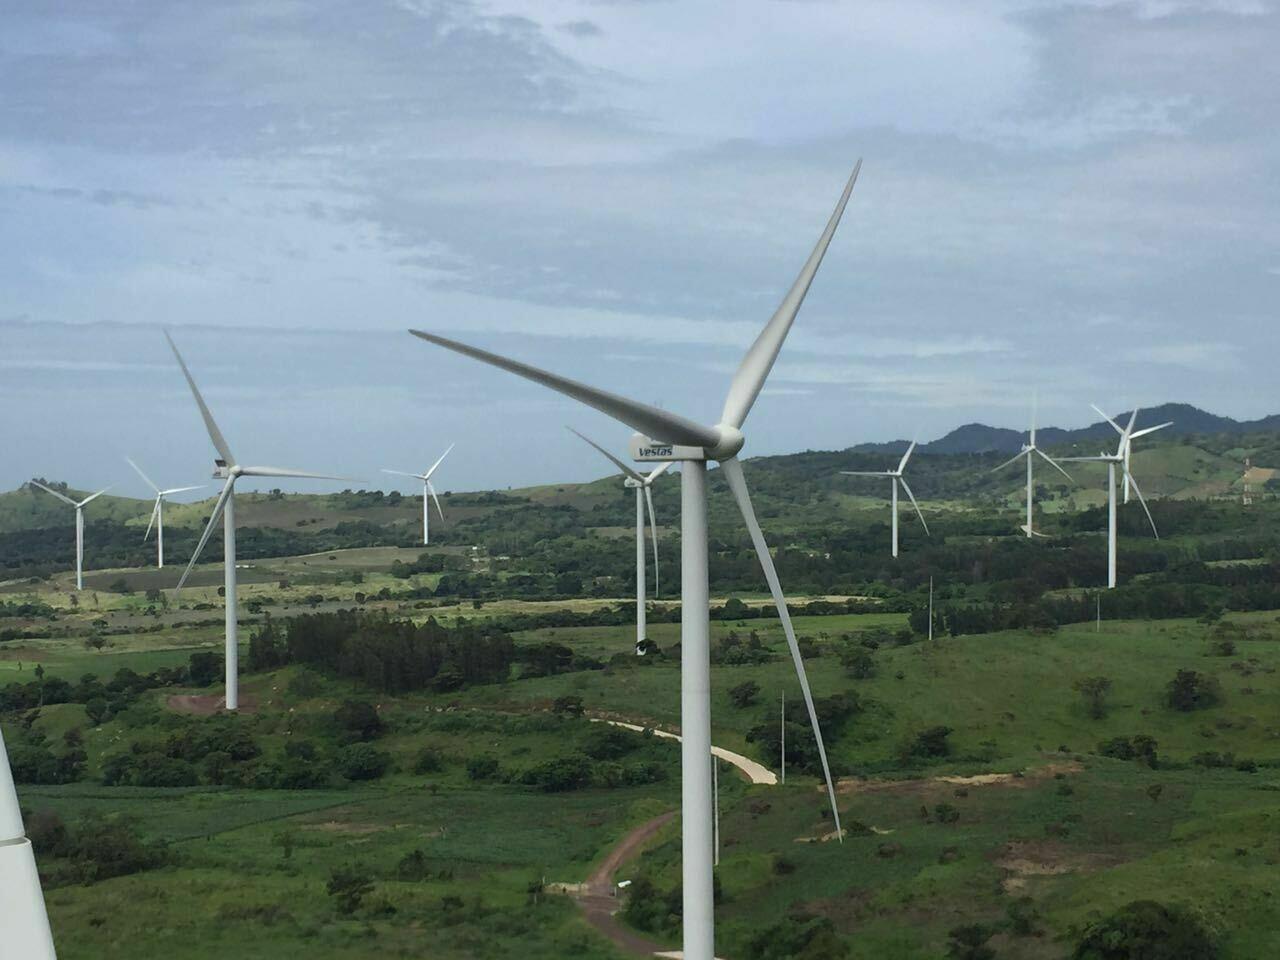 San Antonio El Sitio Wind Power Project